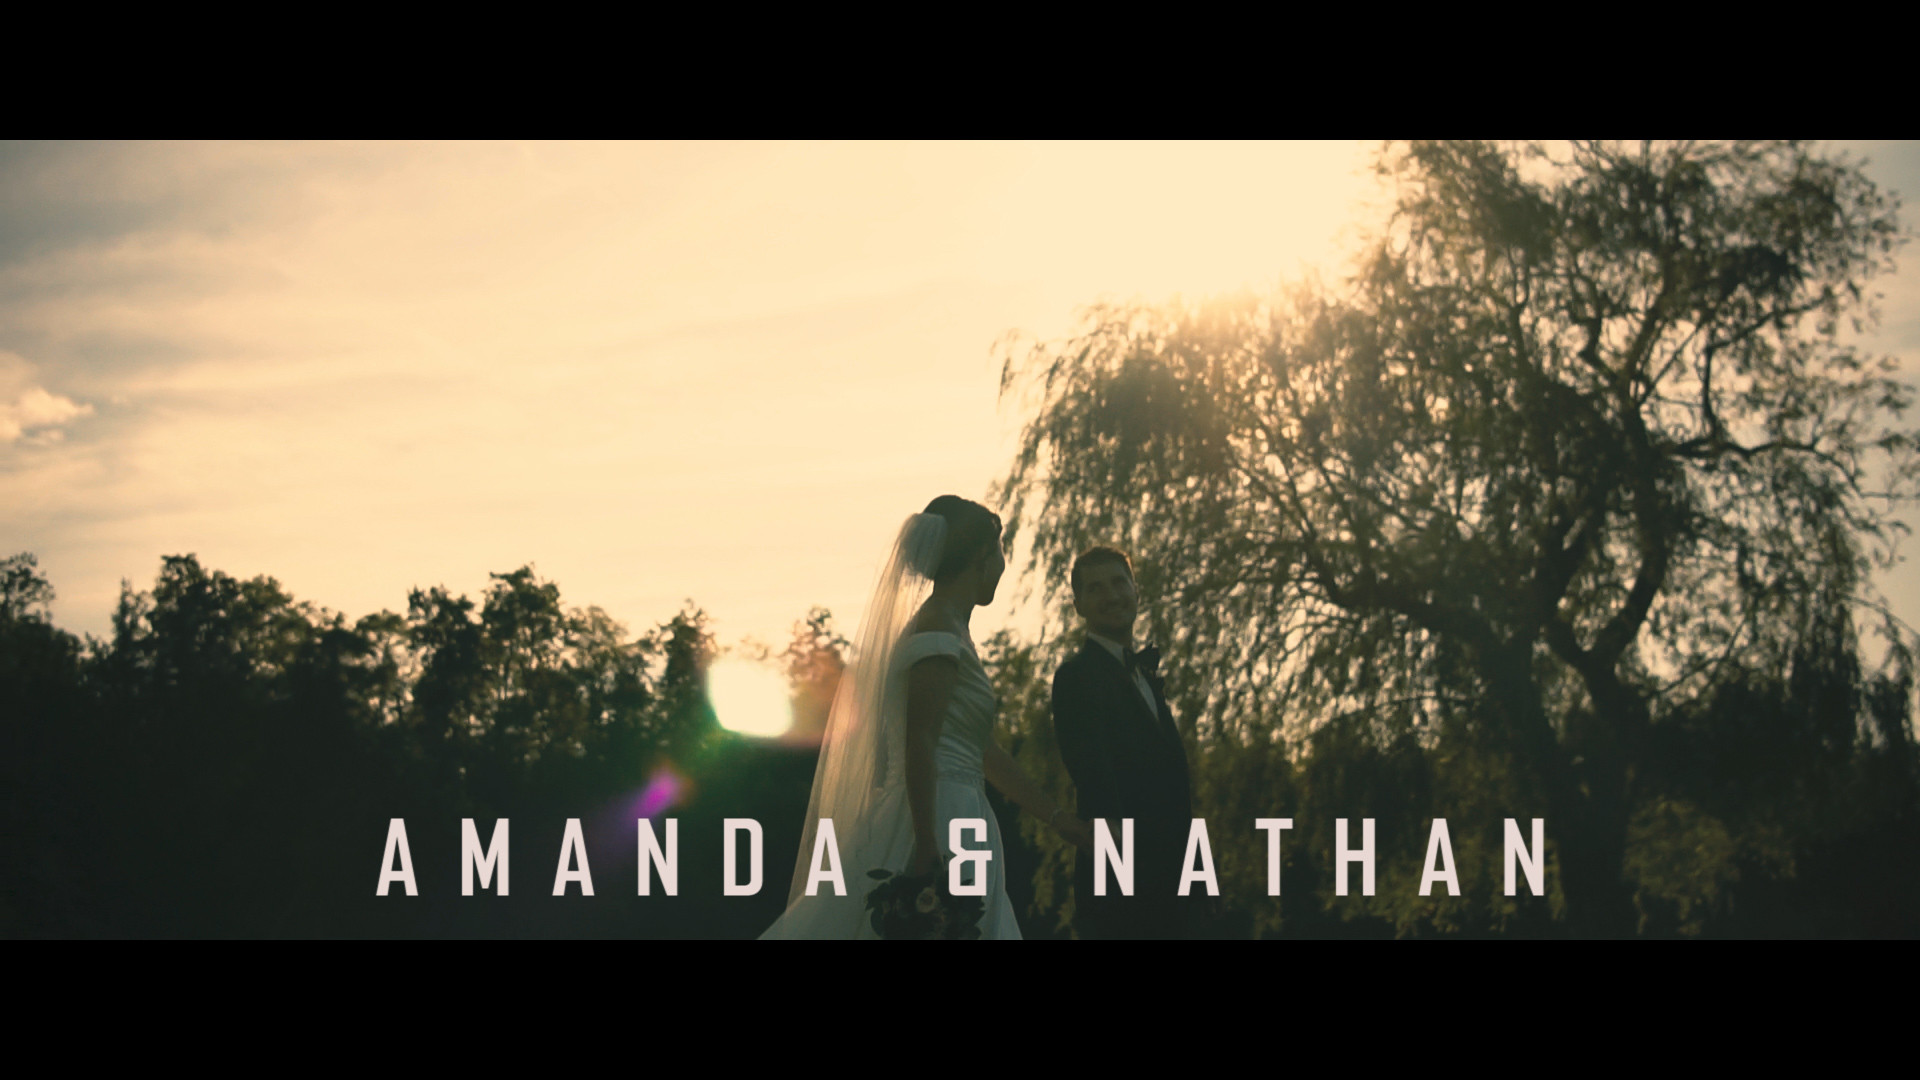 AMANDA & NATHAN